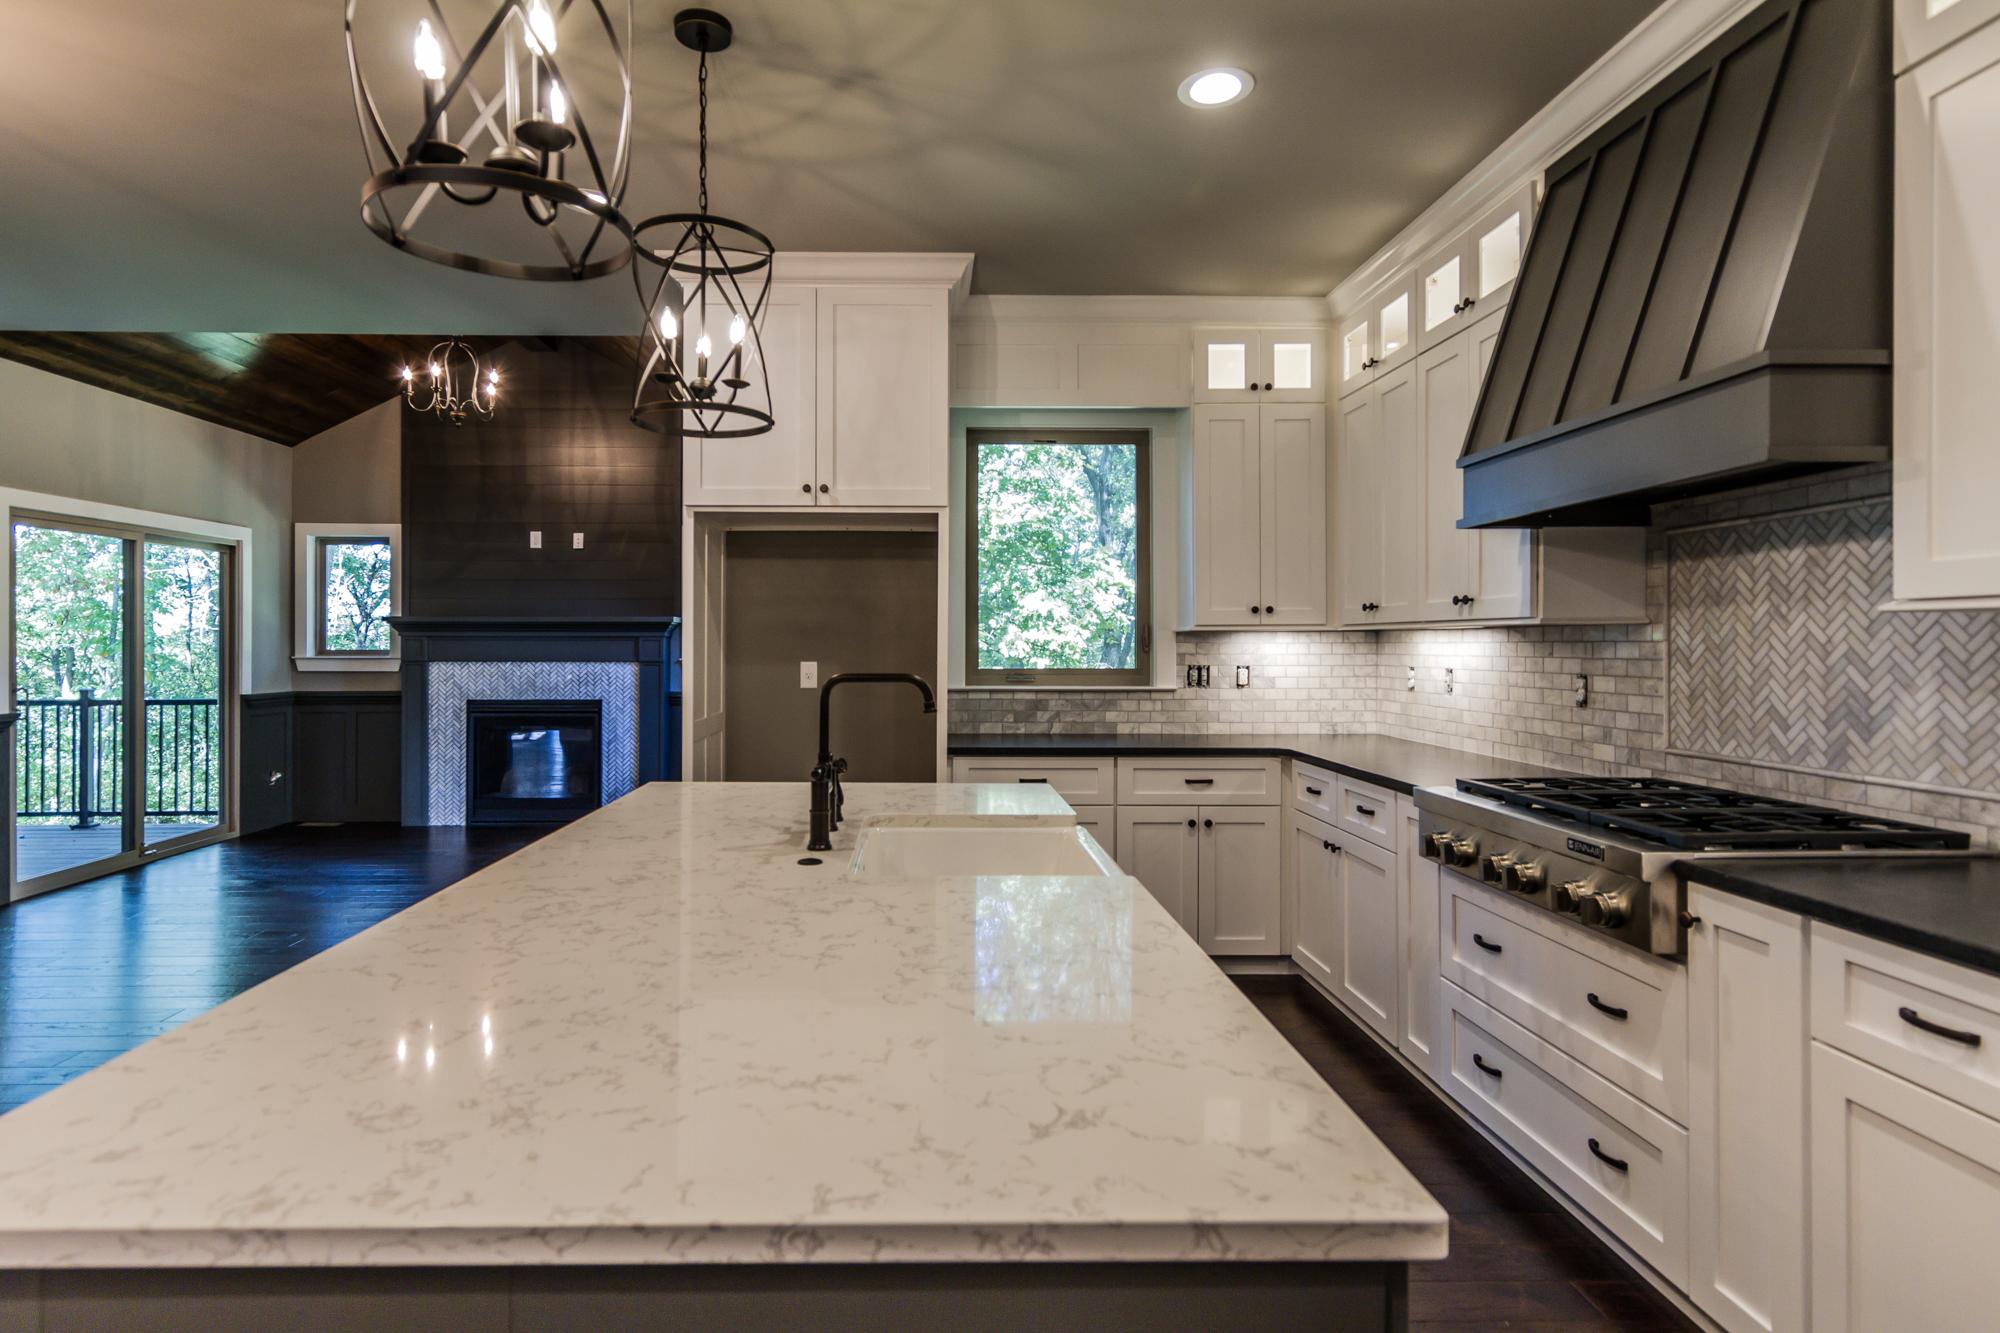 2-Scott-AFB-Real-Estate-For-Sale-O'Fallon-Illinois-62269-18.jpg